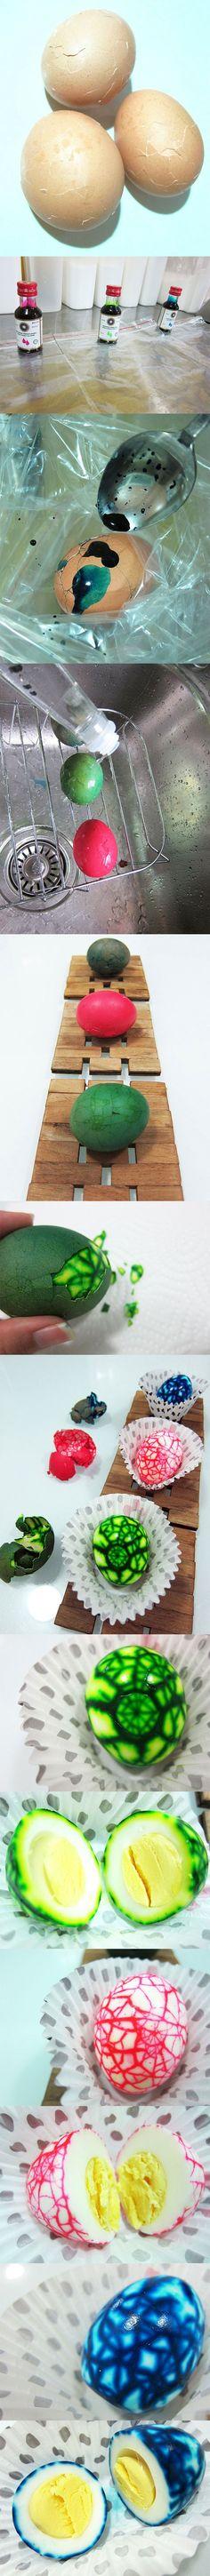 EASTER EGGS or Eggs for Halloween